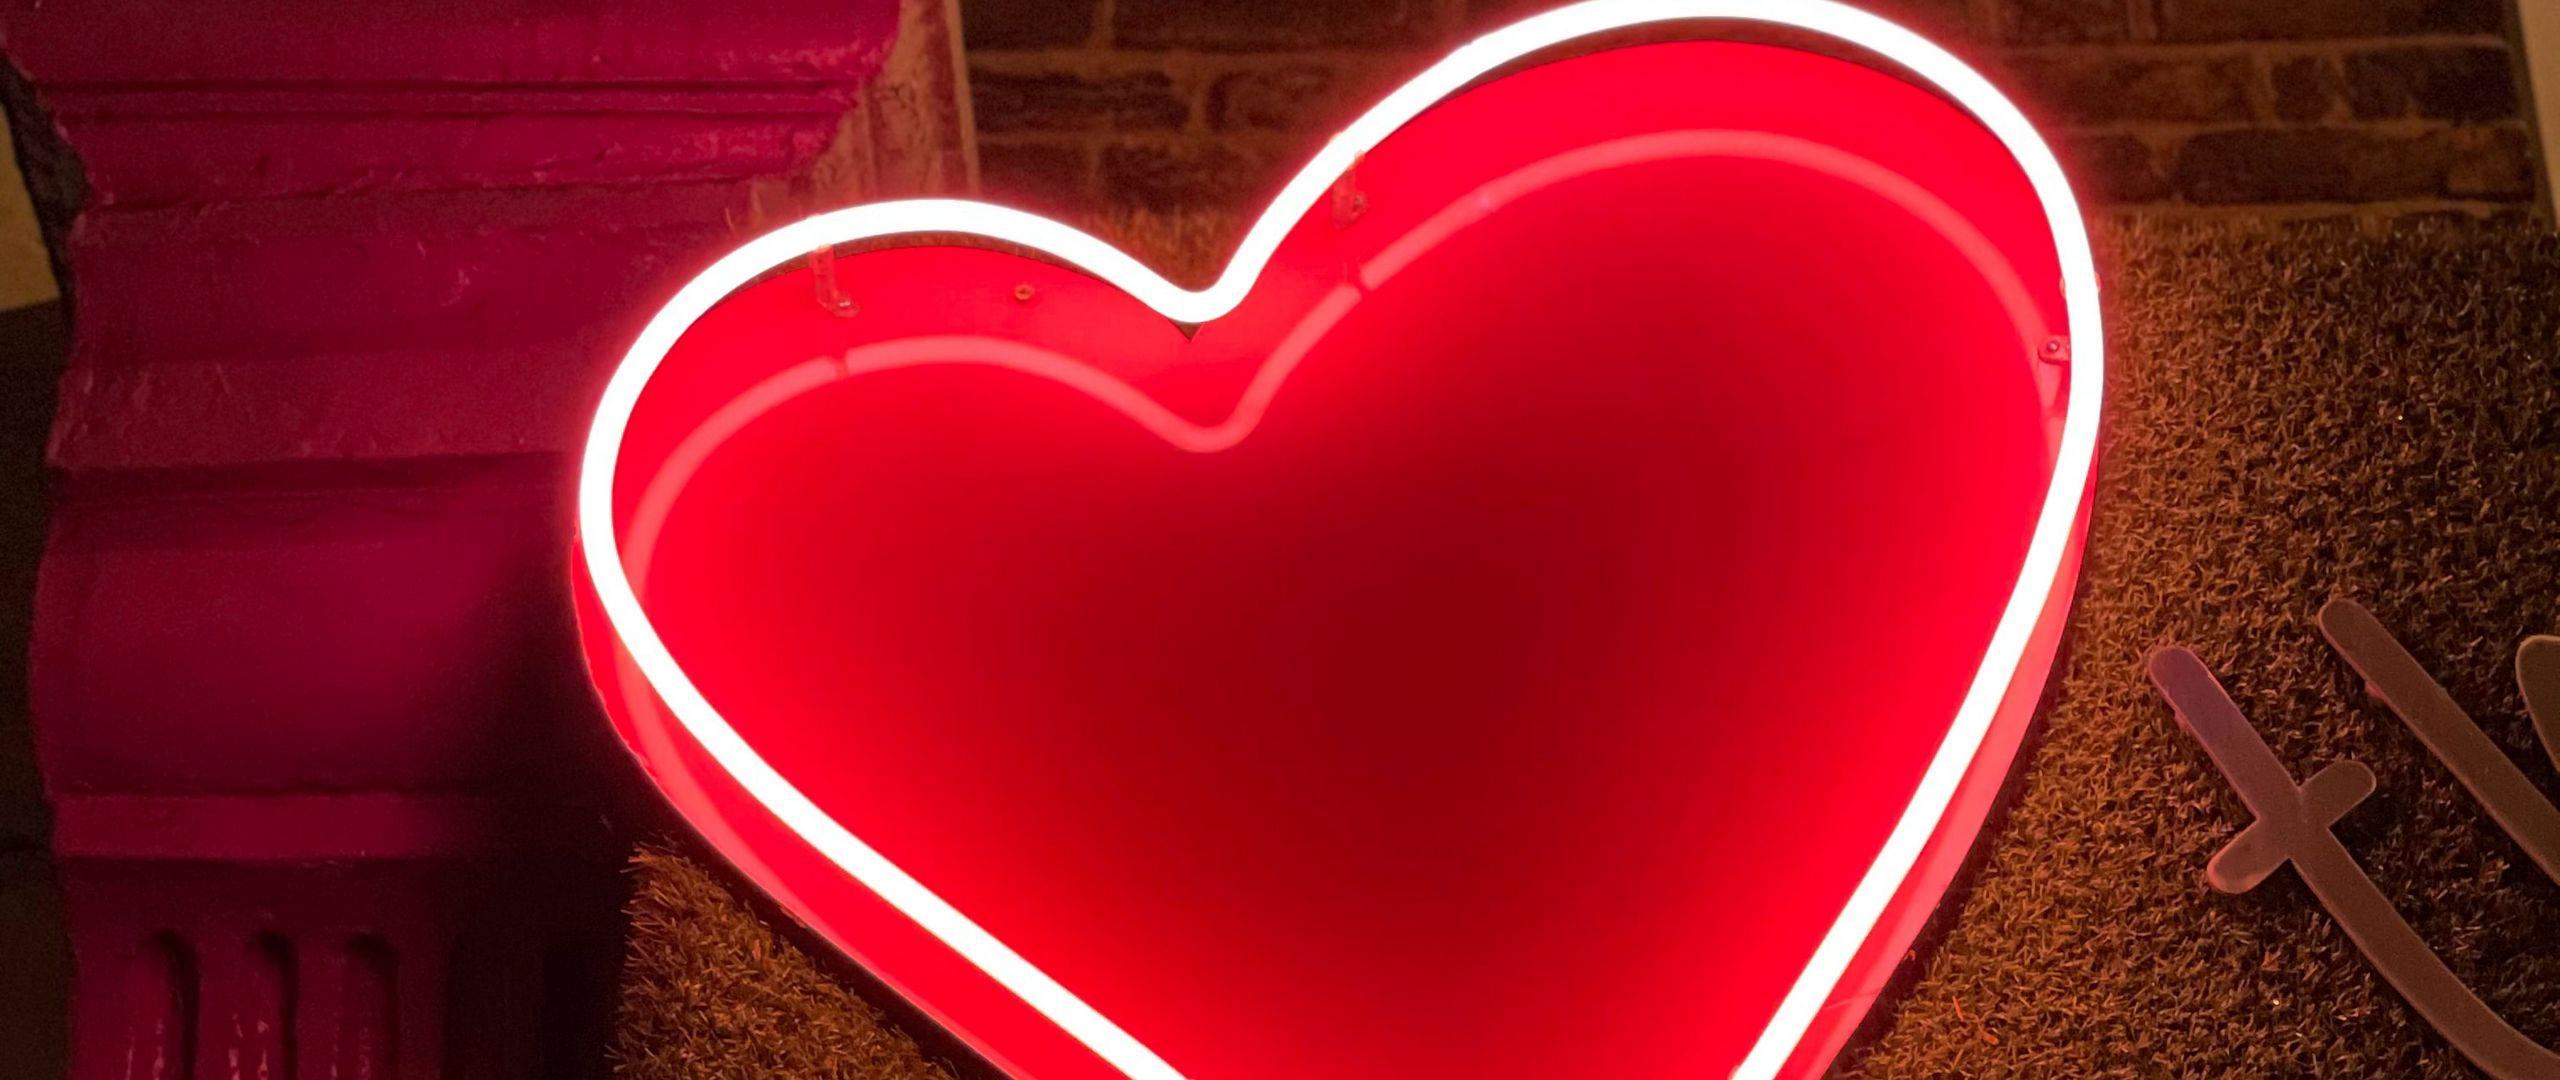 2560x1080 Wallpaper heart, neon, light, red, love